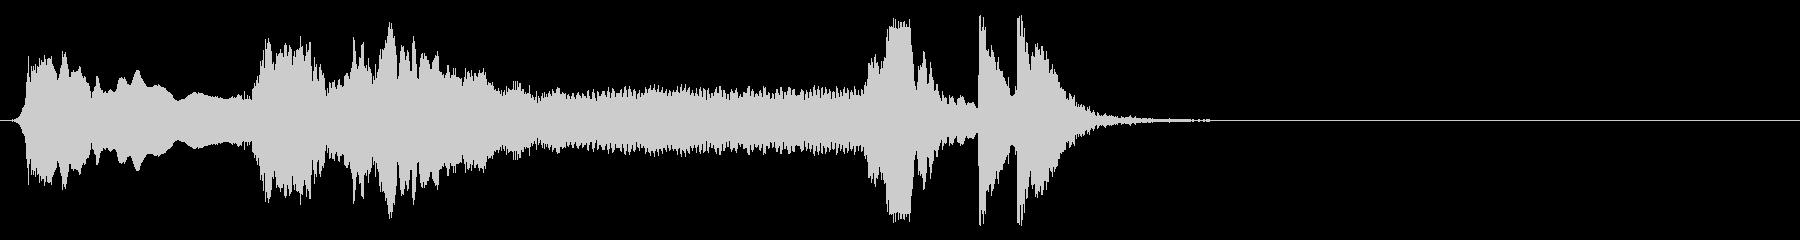 和風 掛け声とツツミ2 令2/4/24の未再生の波形